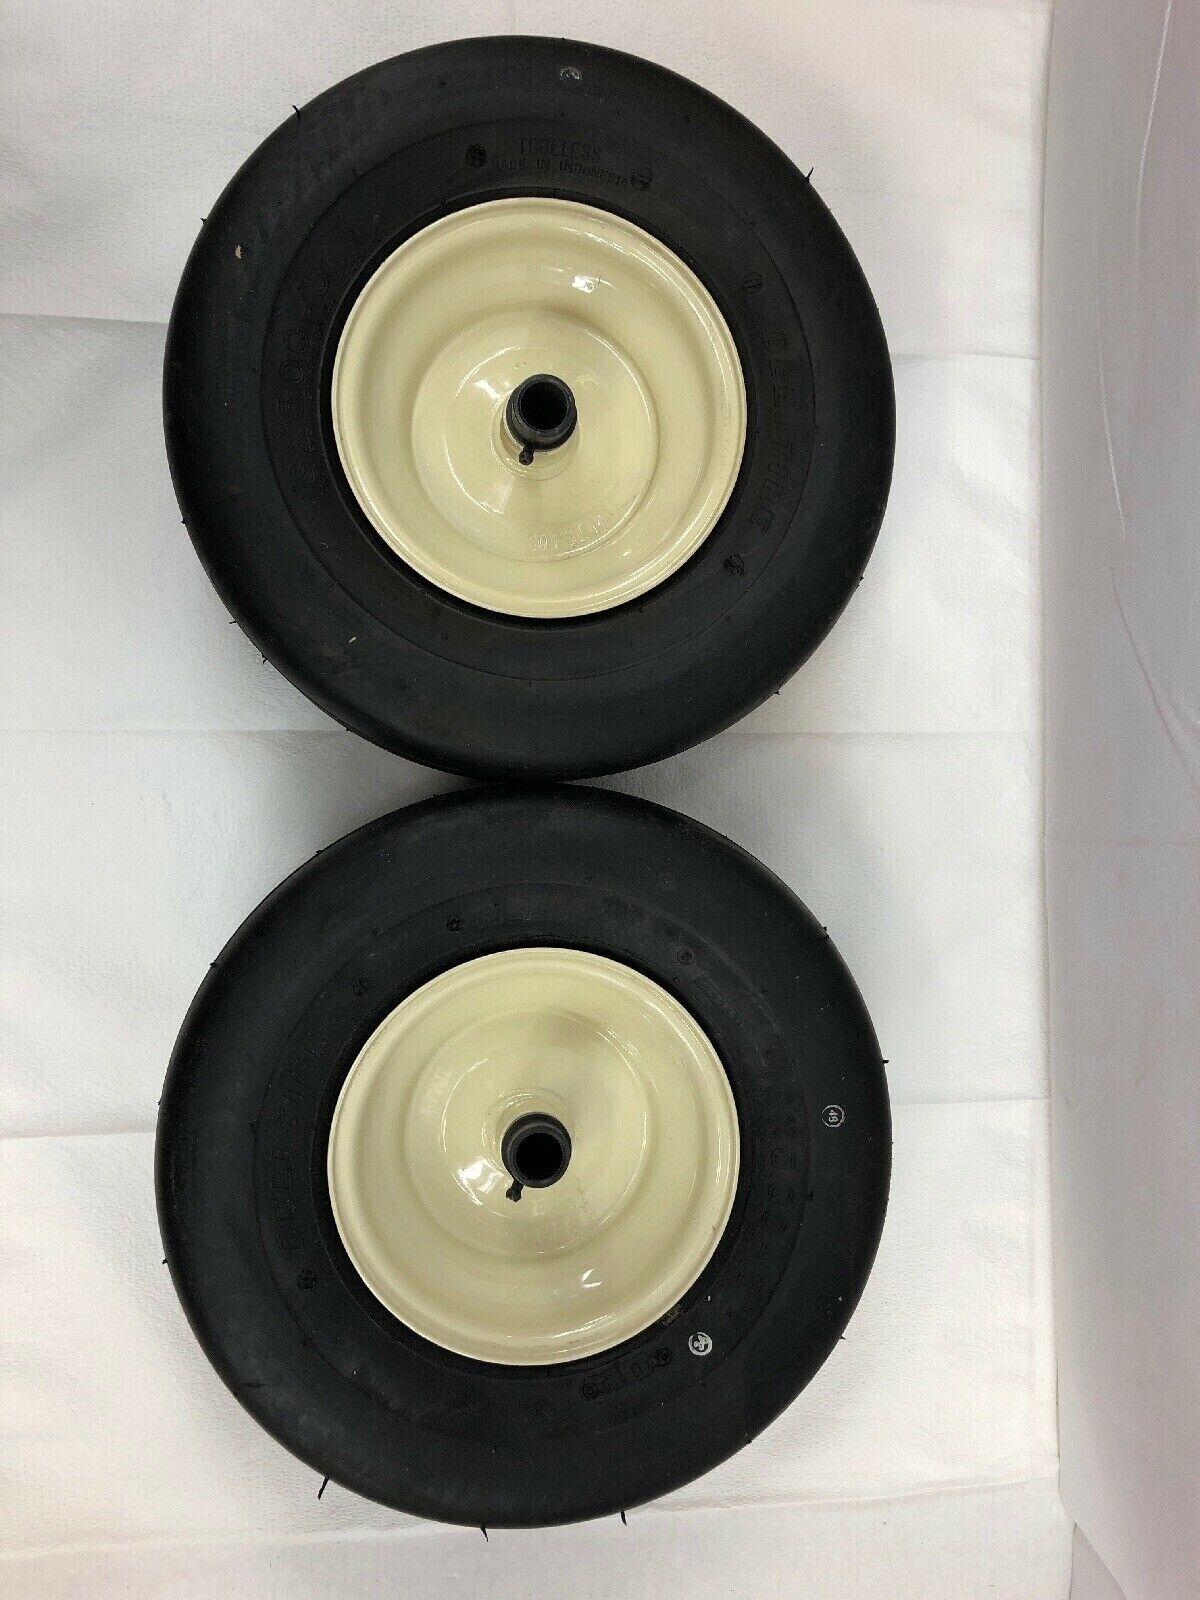 Pisada del neumático S-317 recta Costilla Delicatessen Cubierta tubeless con rueda 13X5-6 Lote de 2